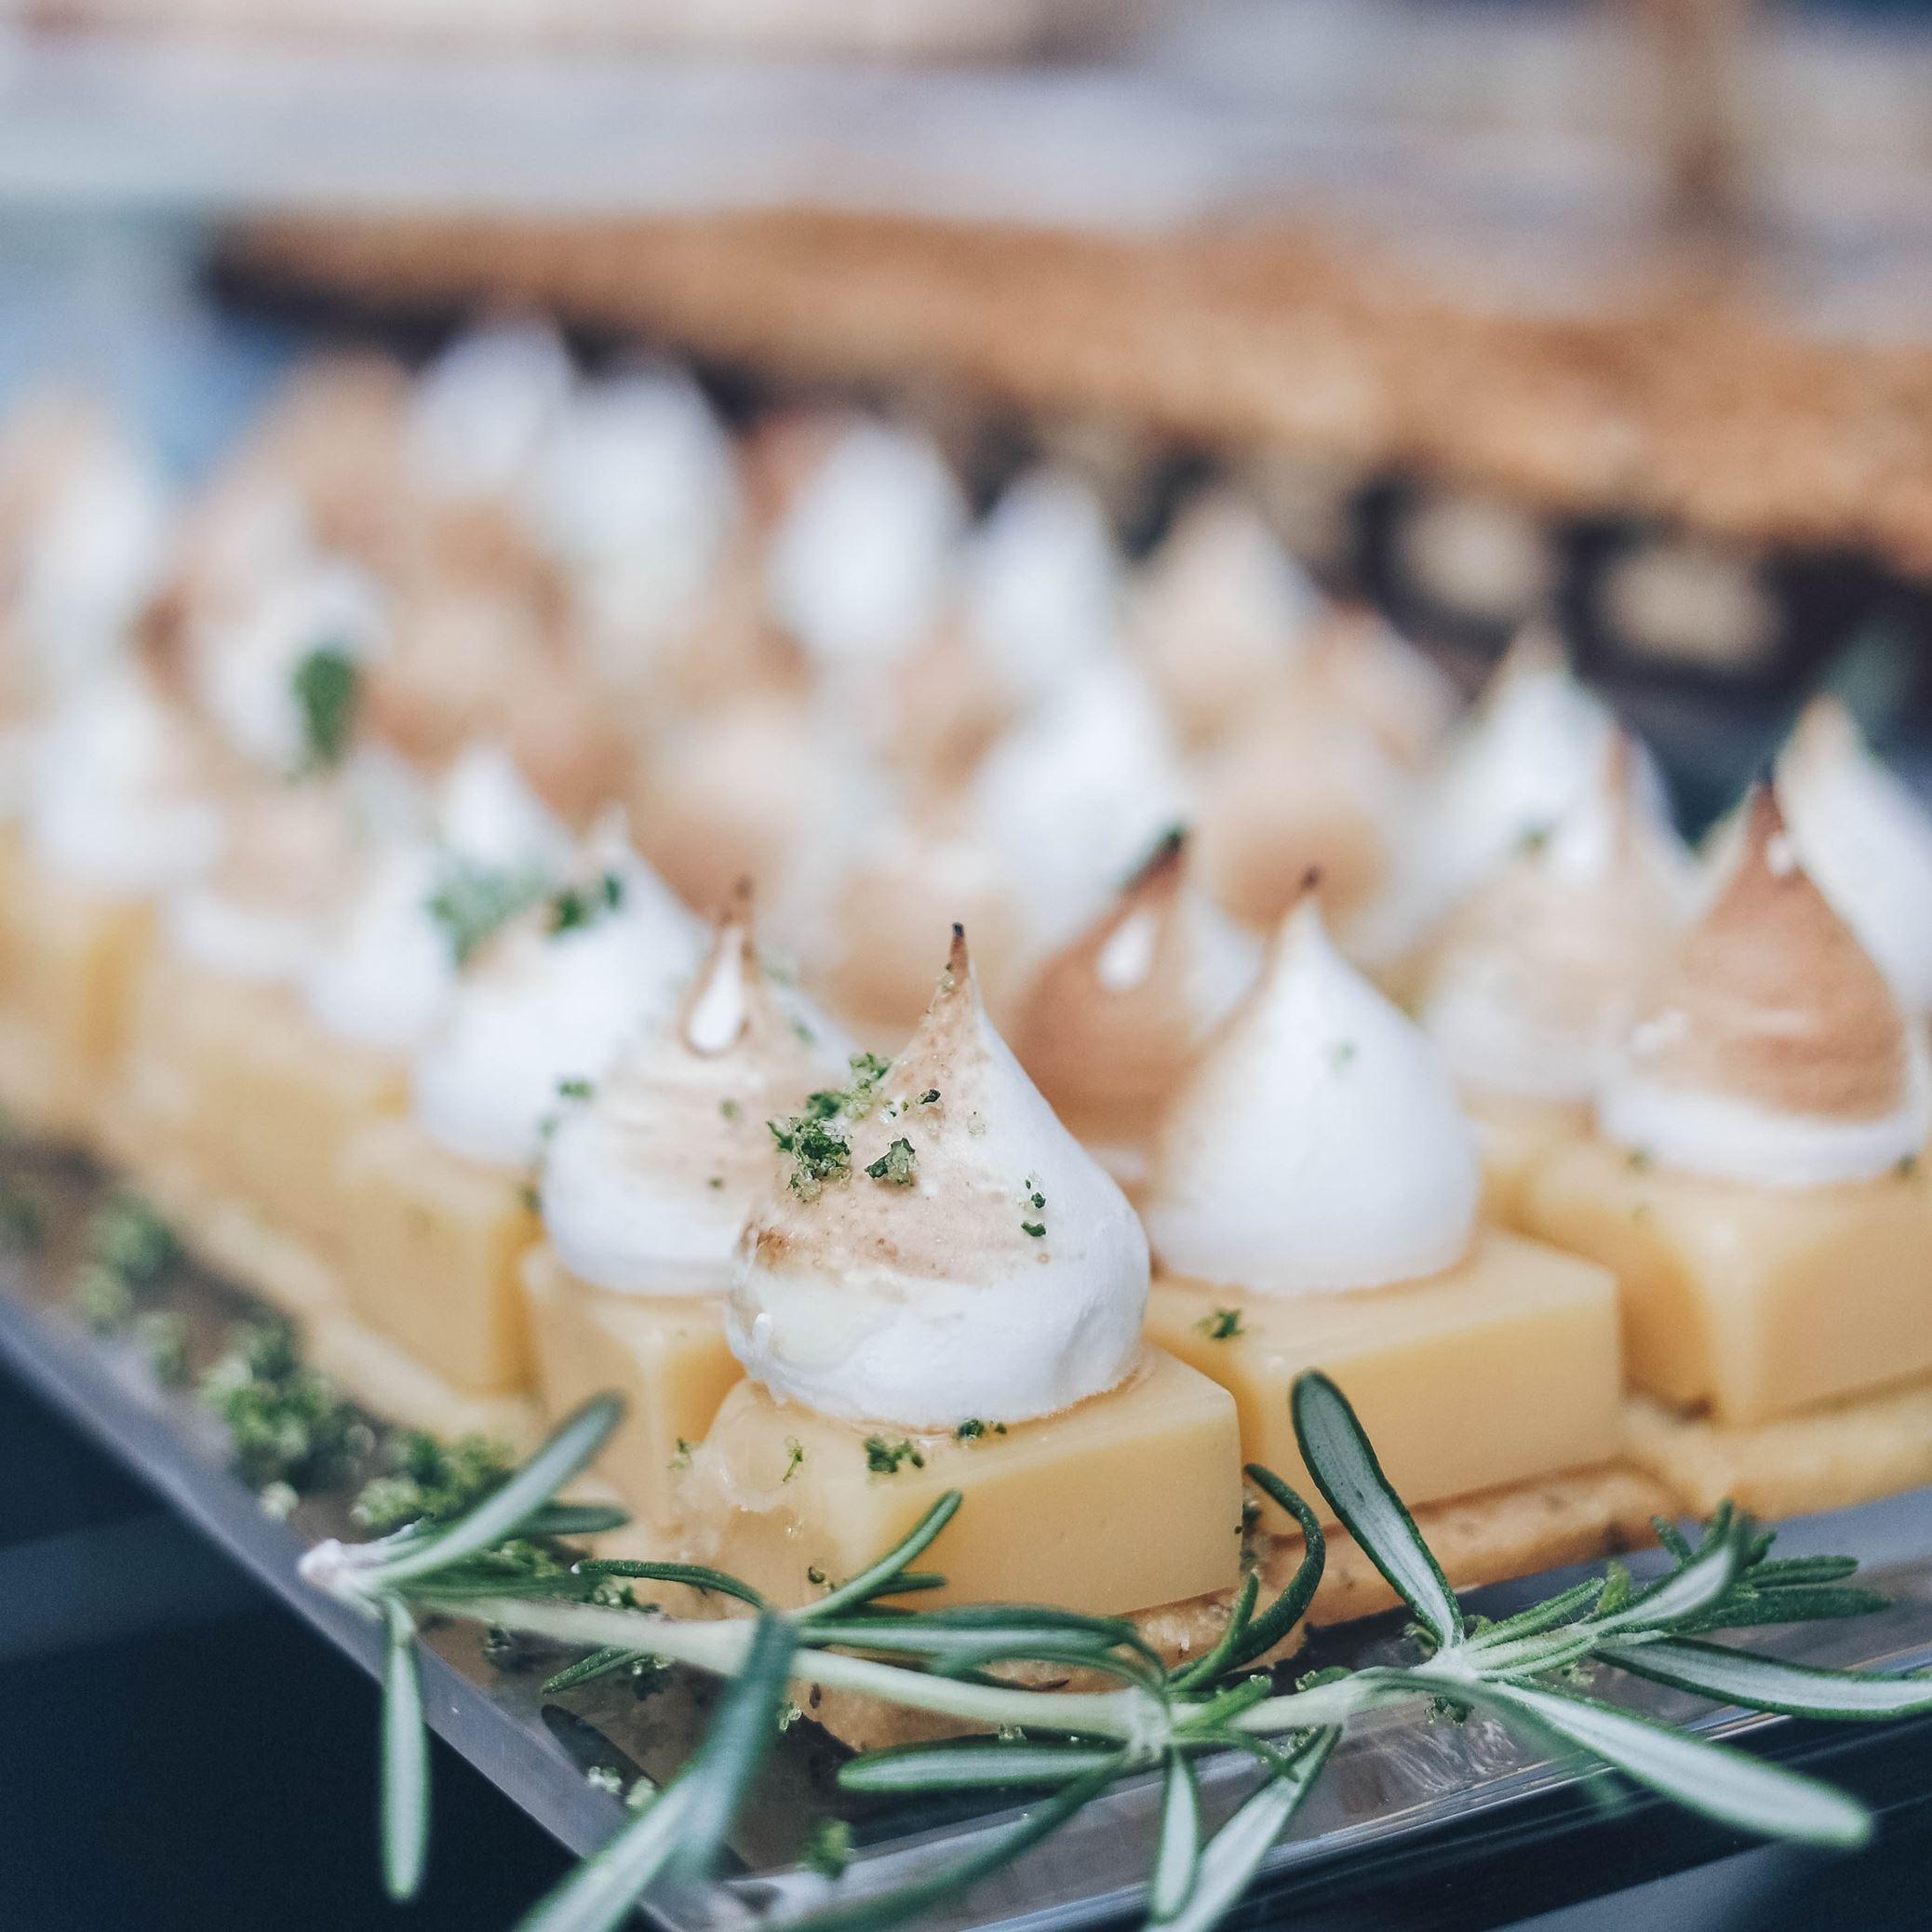 Lemon Rosemary Tartlets